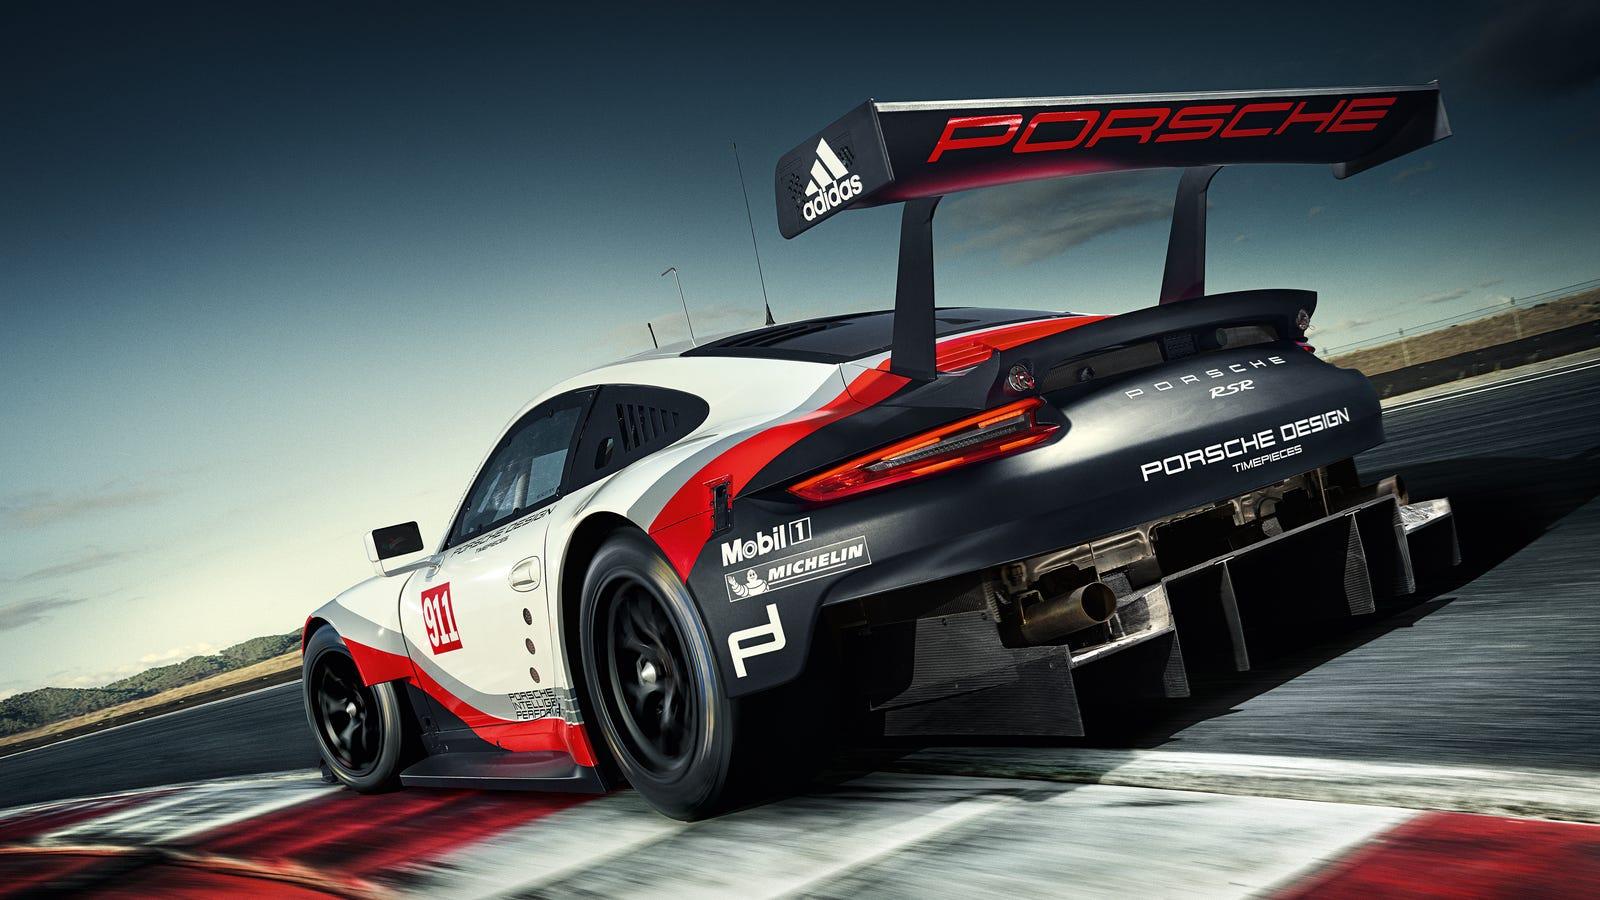 mini cooper racing, dodge dart racing, mclaren f1 racing, ford racing, corvette racing, on new porsche 911 racing